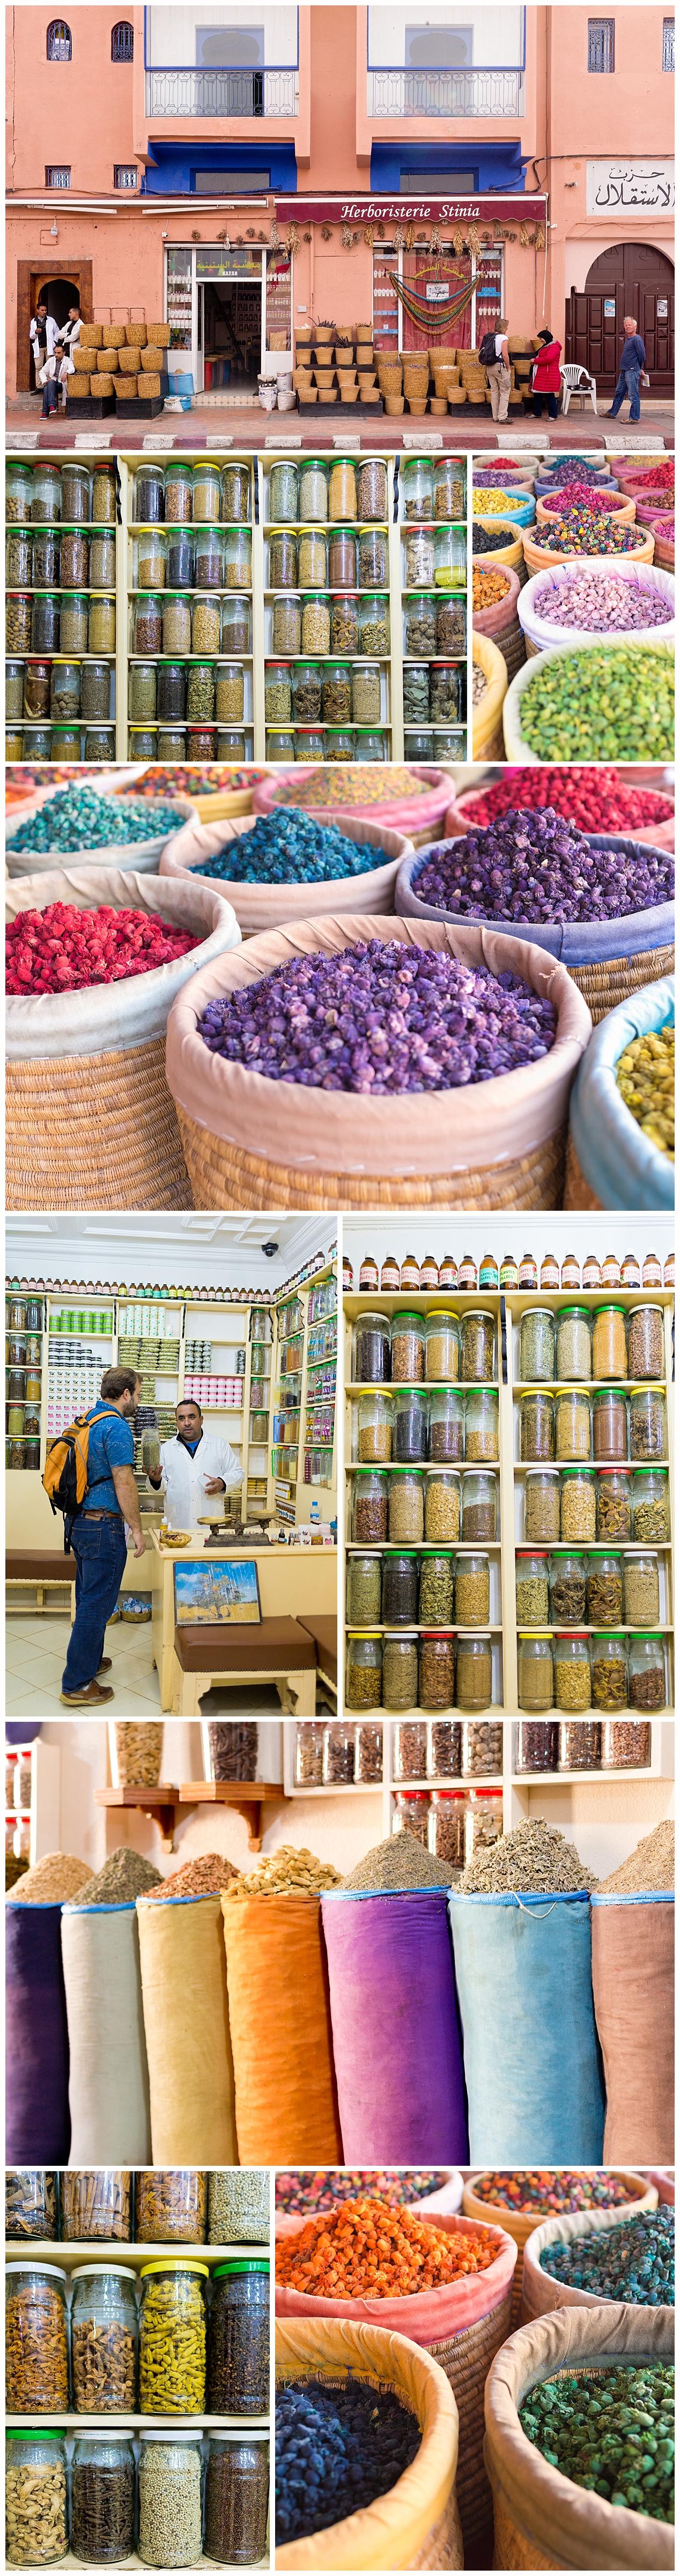 shopping for spices in Marrakech, Morocco medina